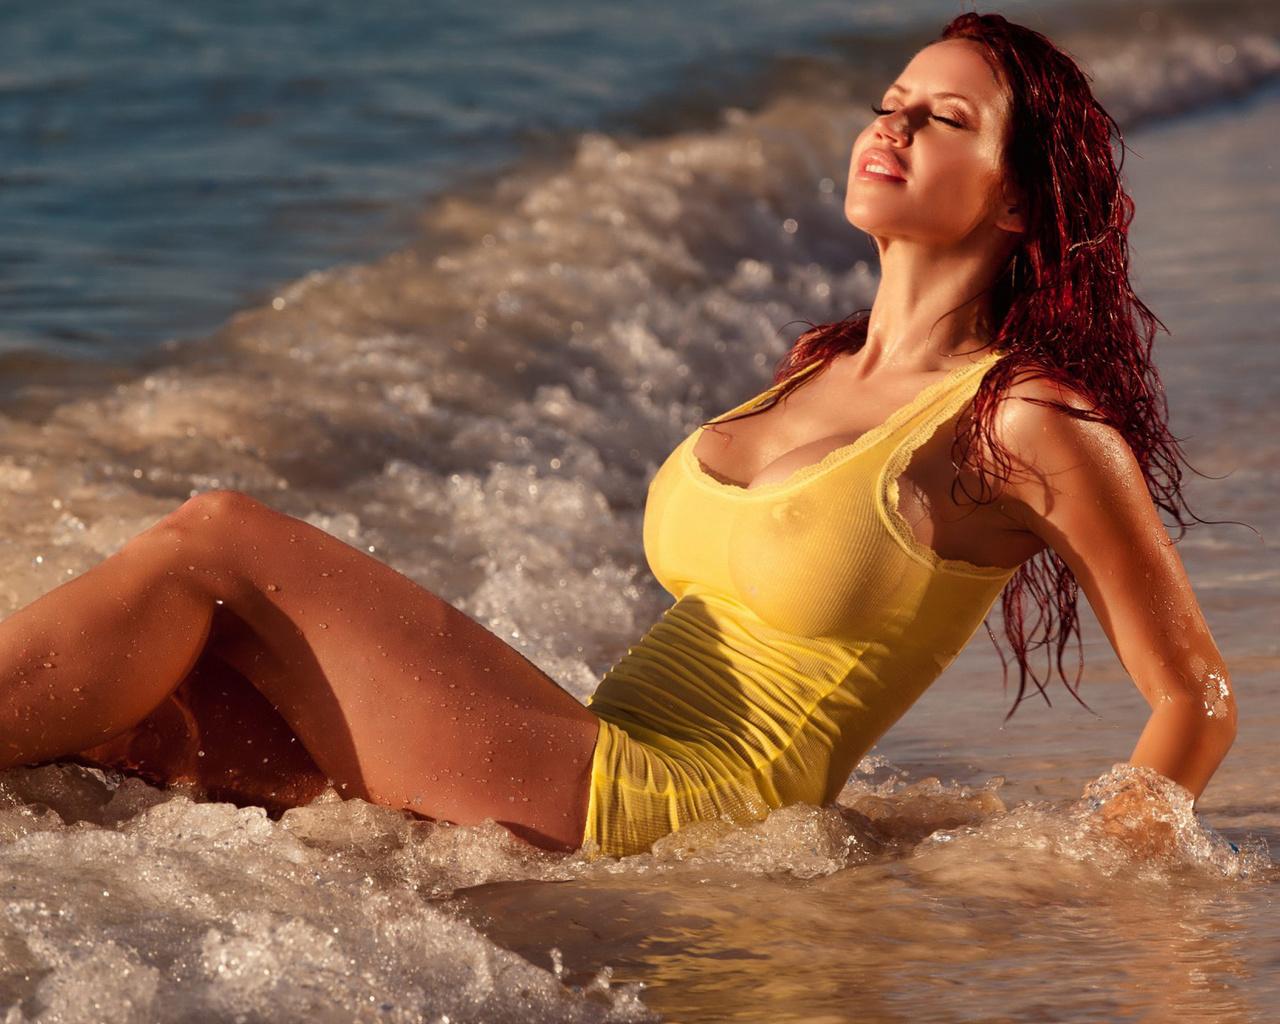 фото мокрые красивые девушки